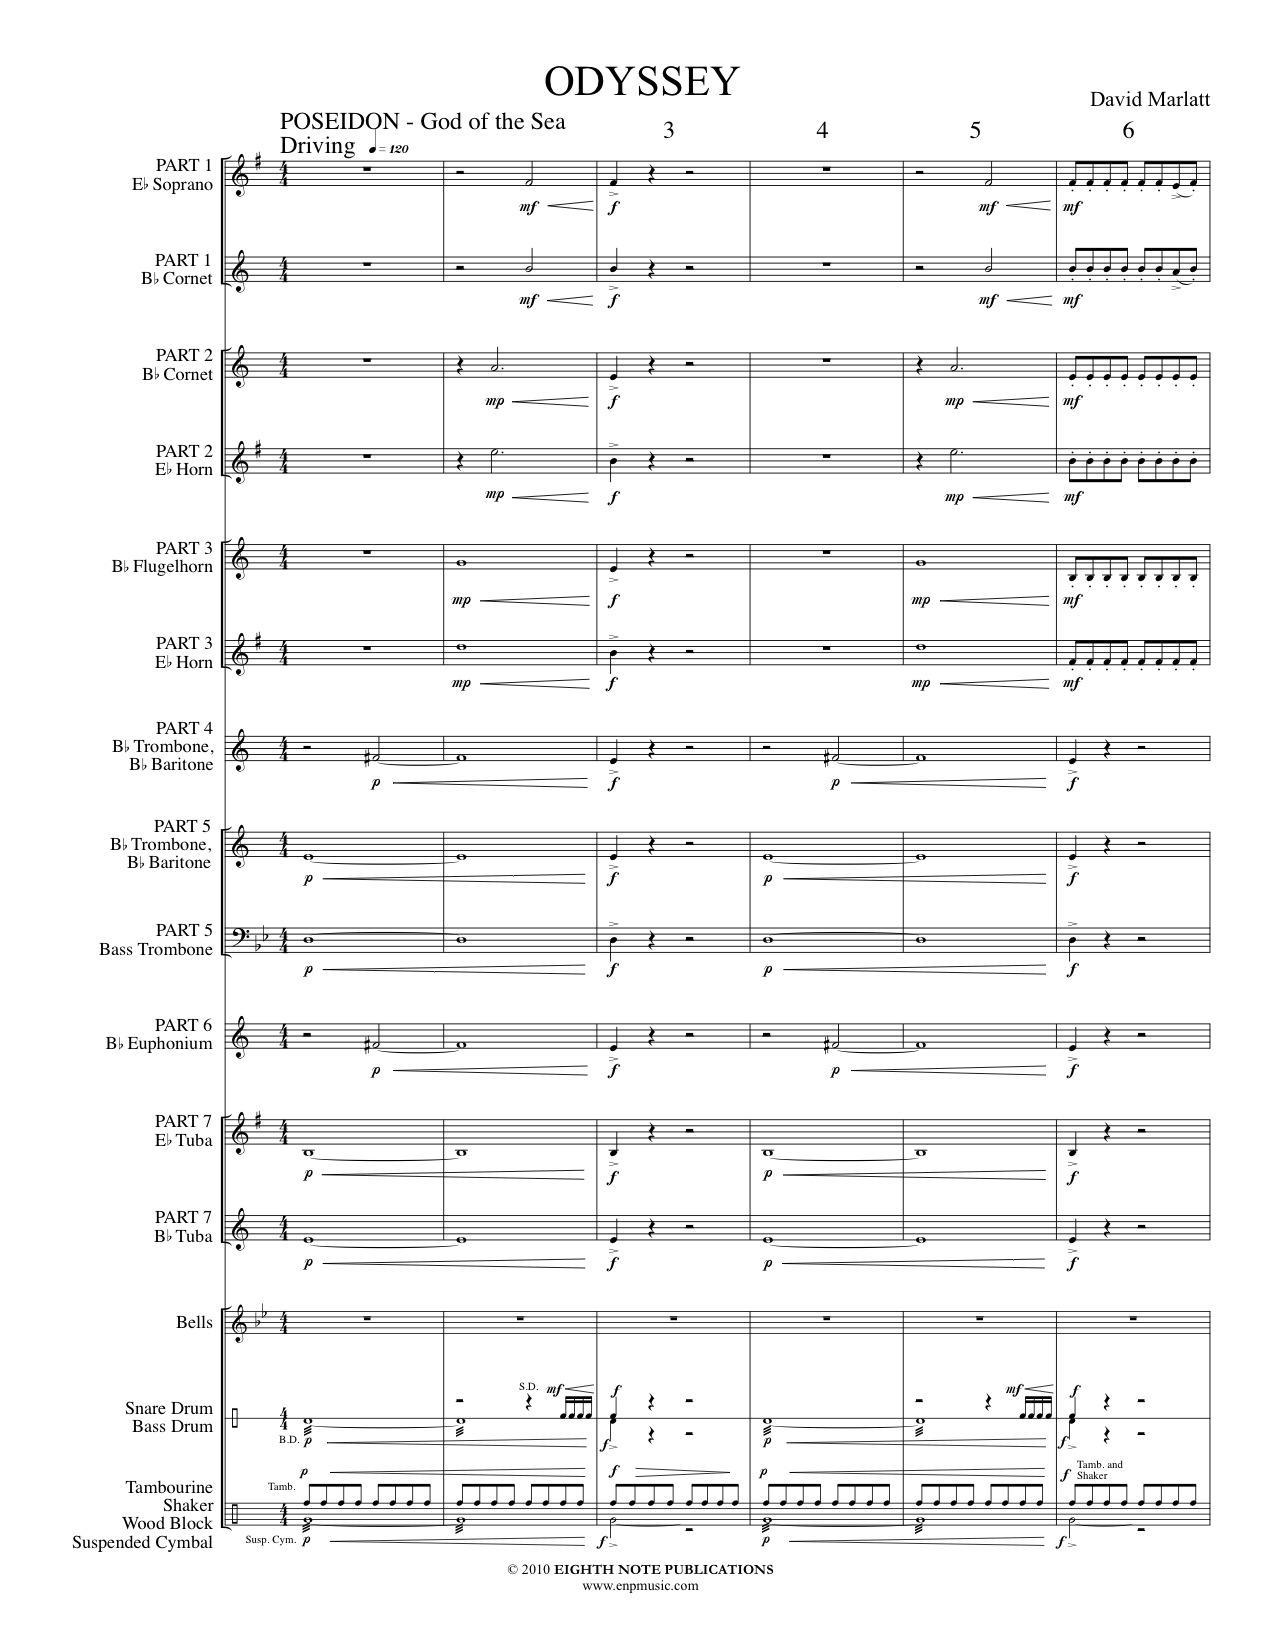 Odyssey - David Marlatt